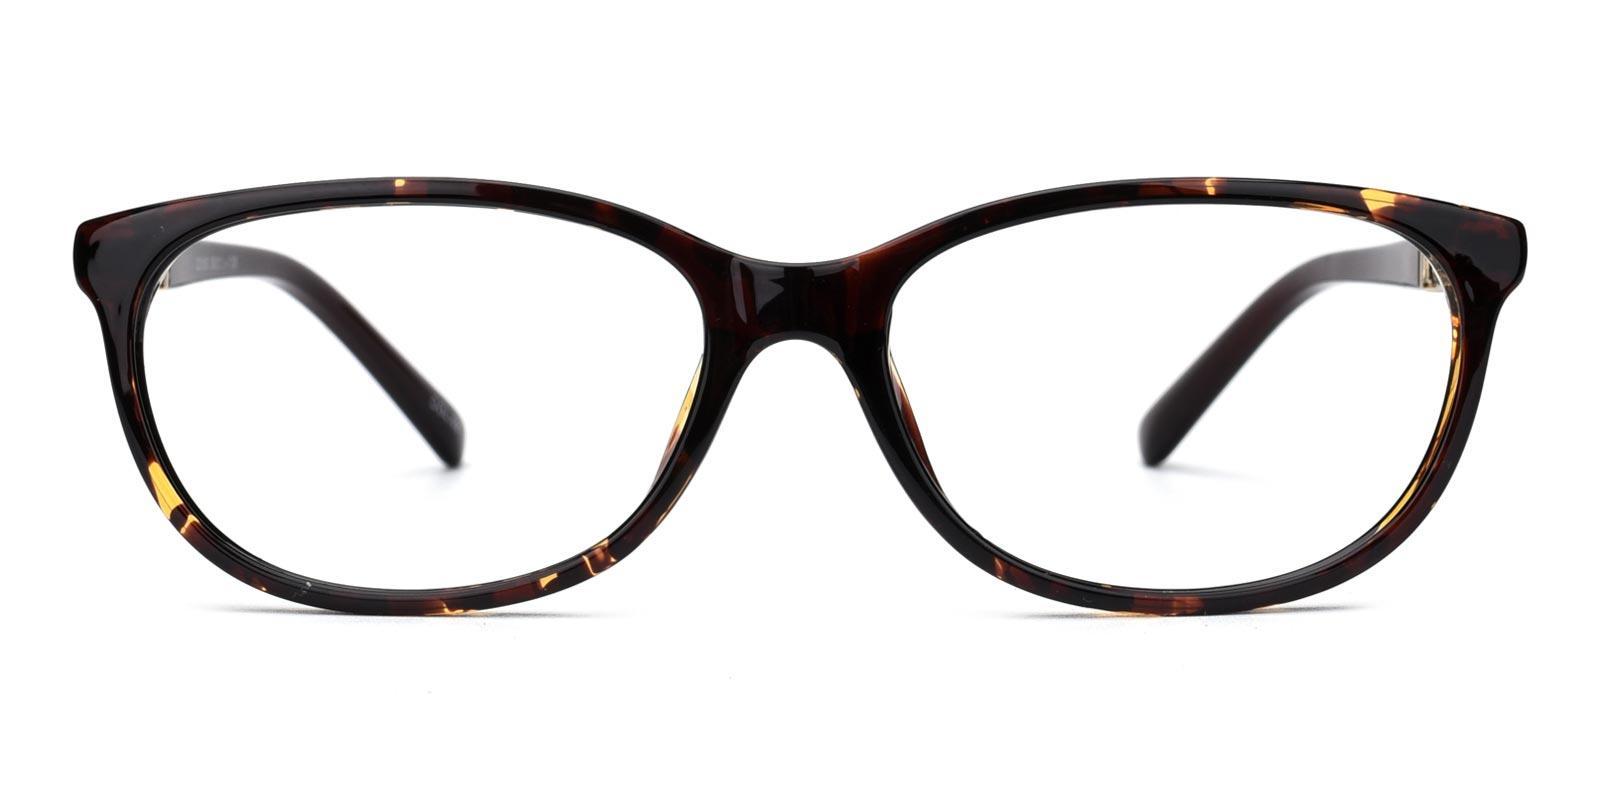 Hilary-Tortoise-Rectangle-TR-Eyeglasses-detail